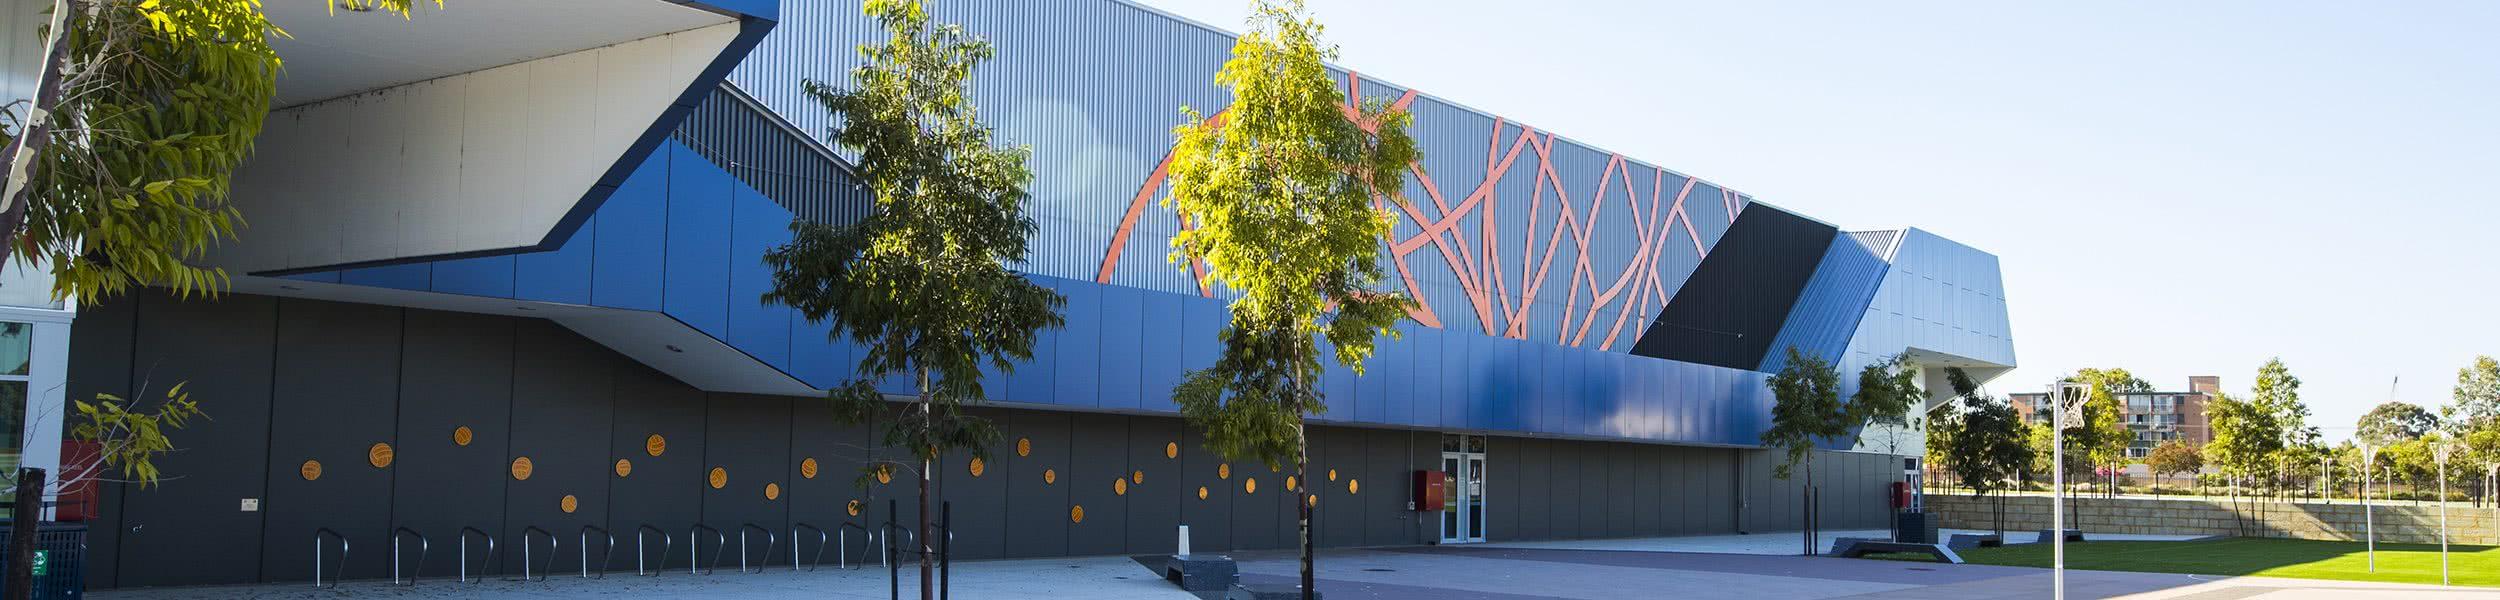 wa state netball centre cladding